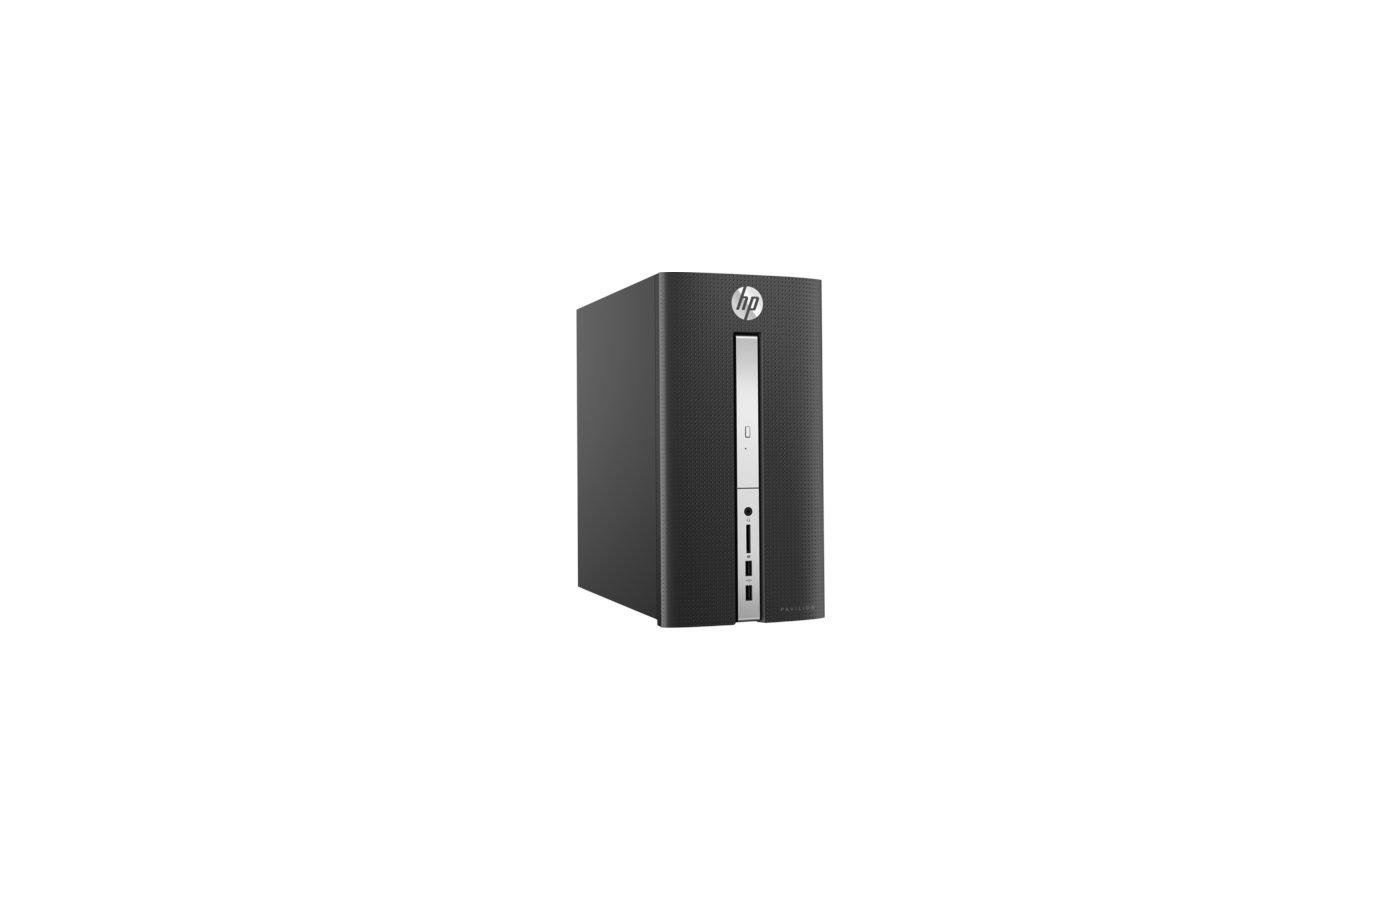 Системный блок HP Pavilion 510 510-p132ur /Z0J95EA/